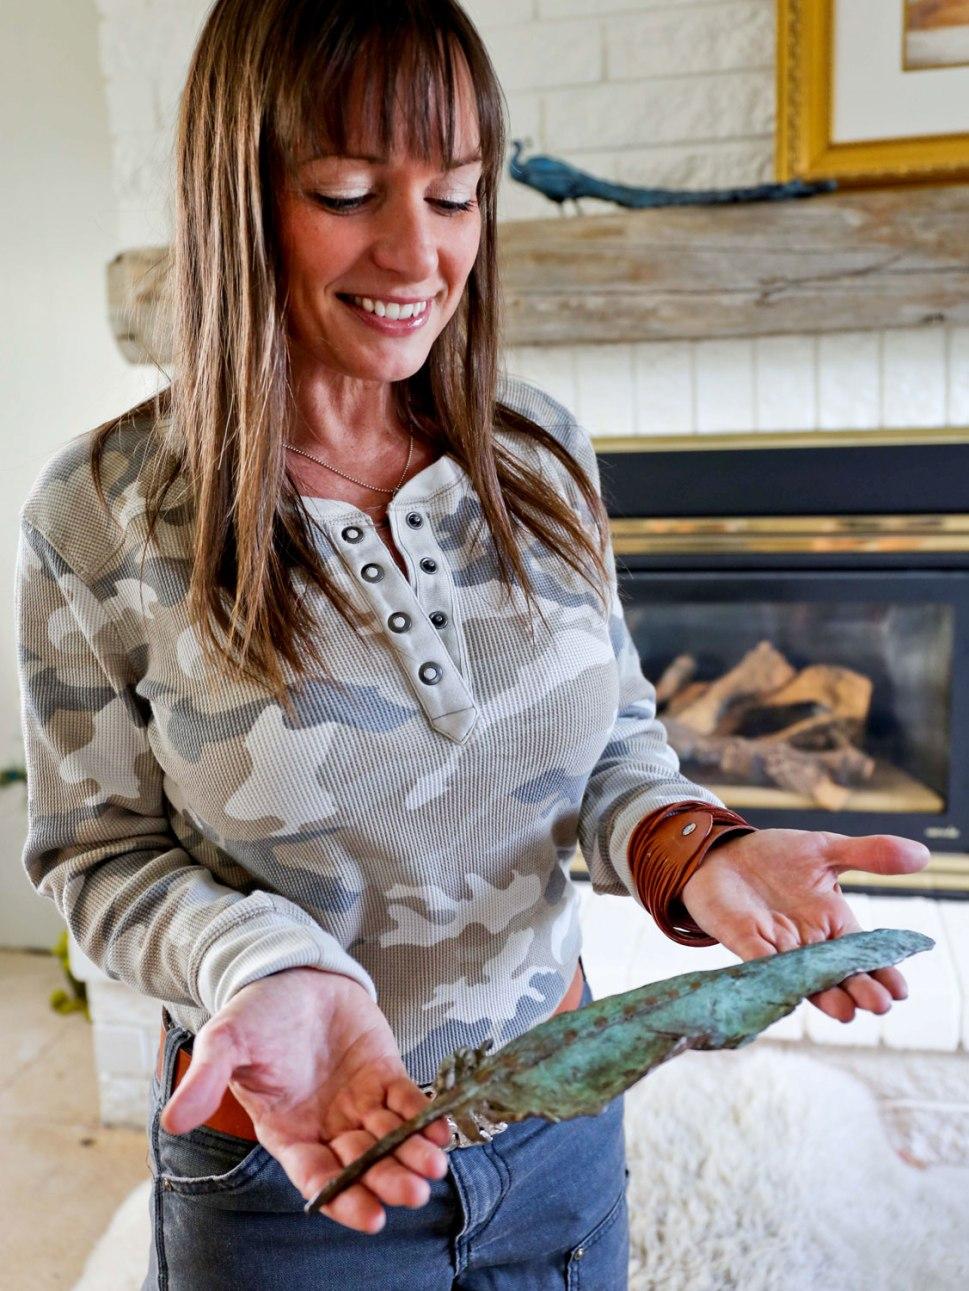 Stephanie Revennaugh / Crafted in Carhartt